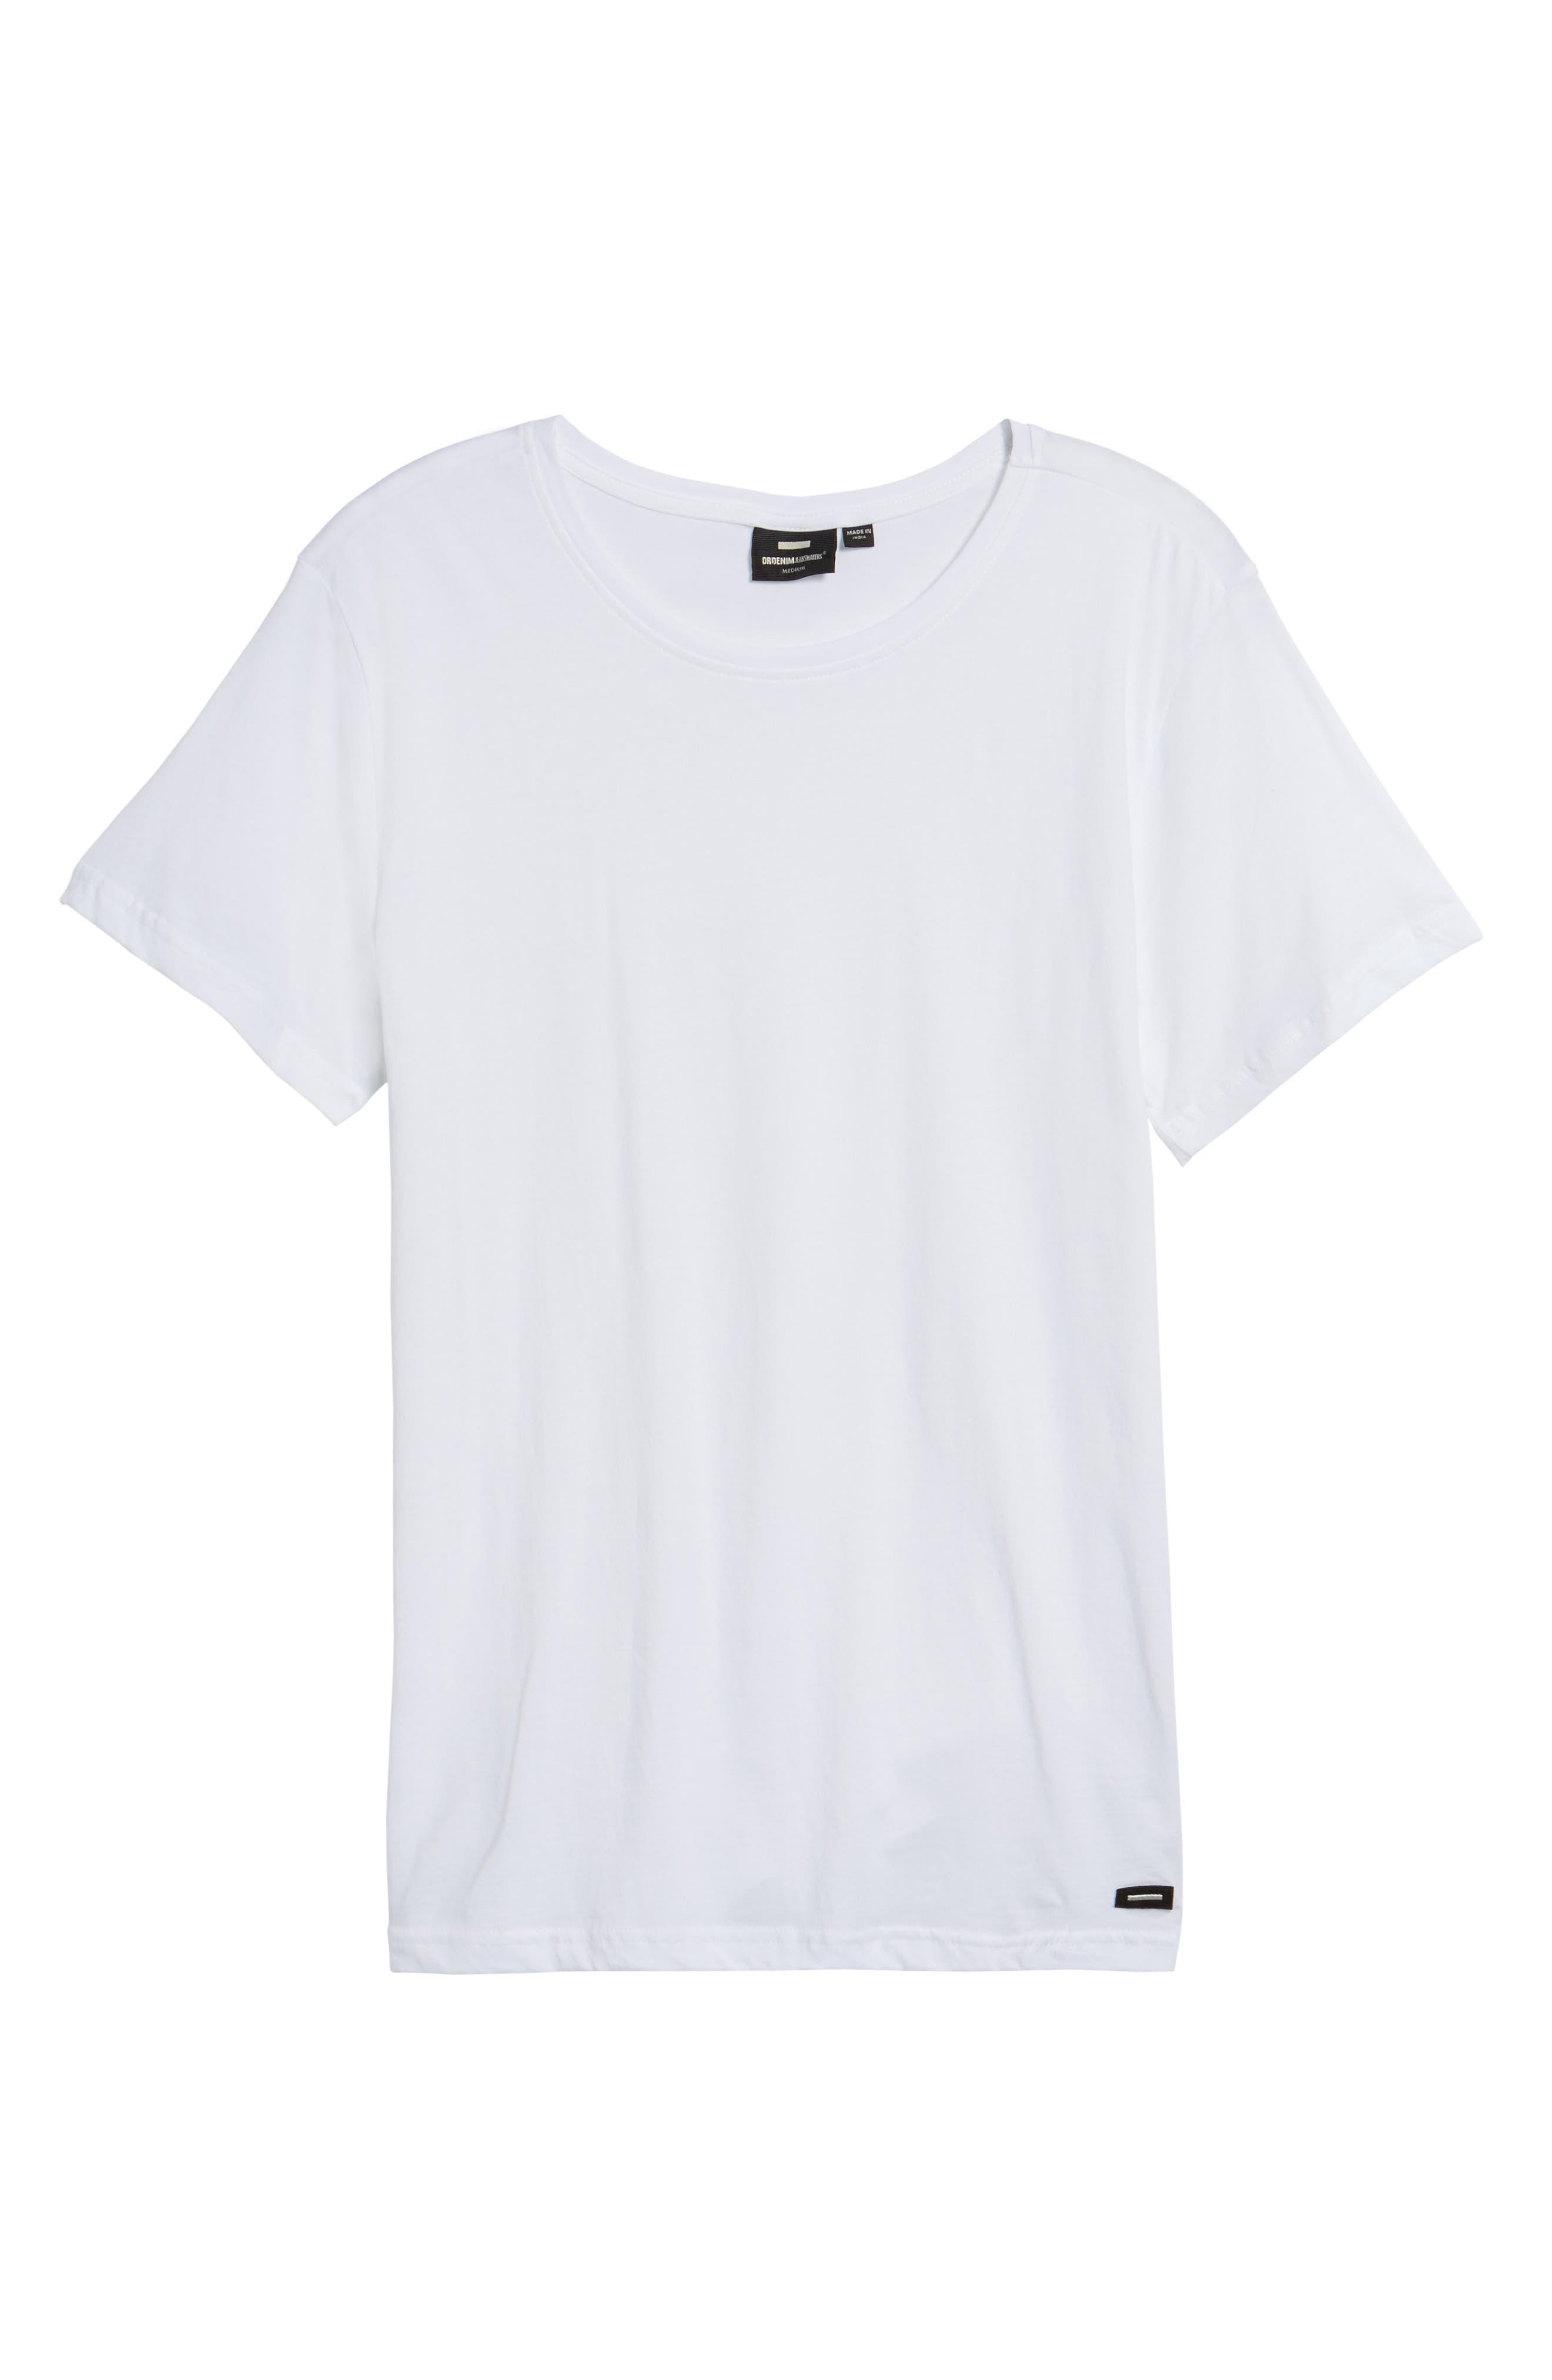 Patrick T-Shirt,                             Alternate thumbnail 17, color,